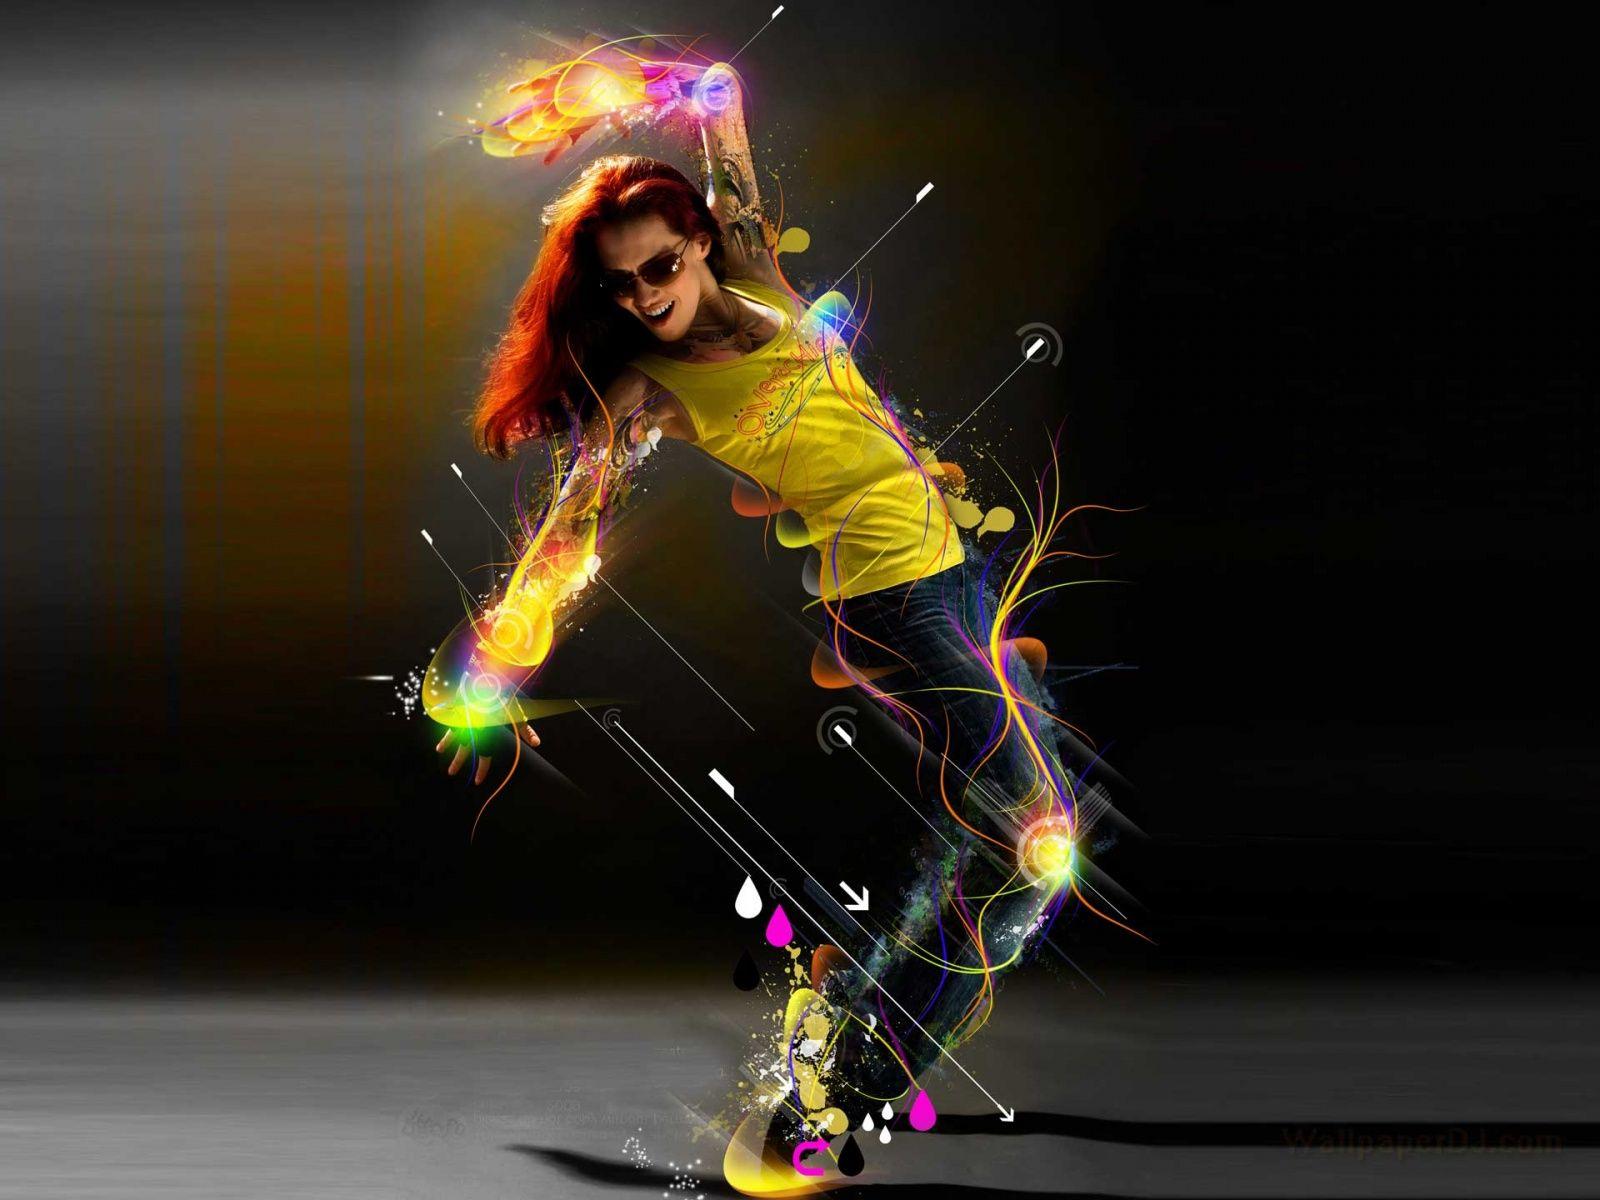 Jerkin Dance Wallpaper - Google Search